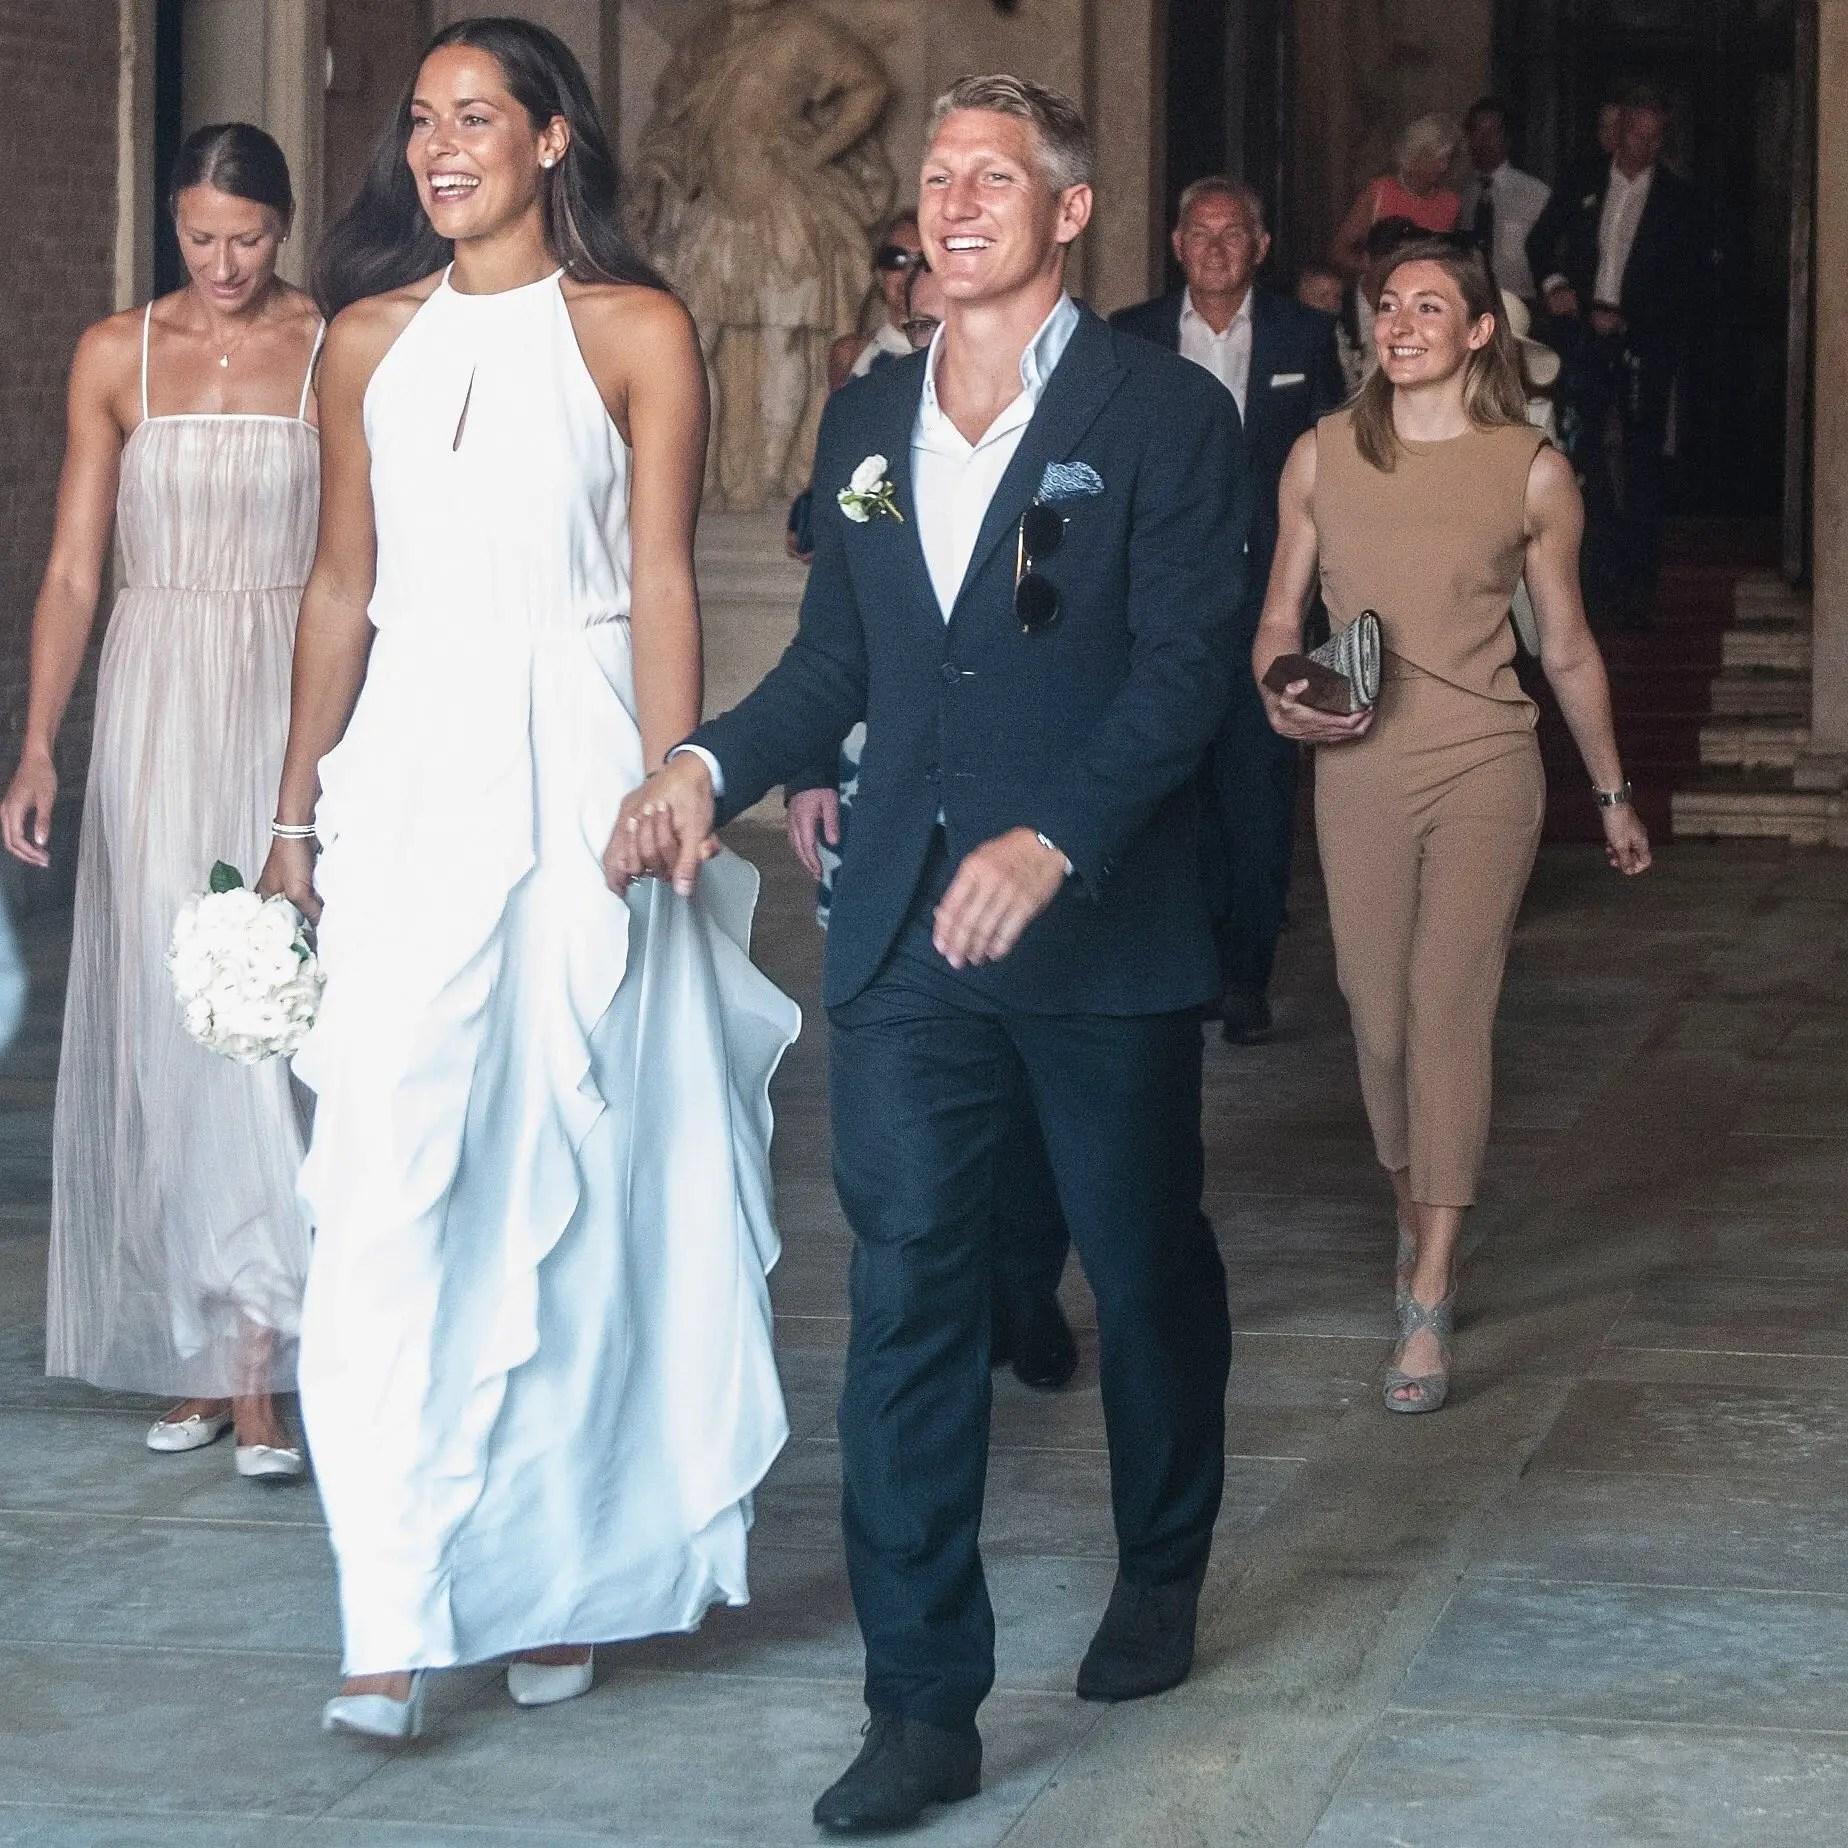 Schweinsteiger Marries Tennis Star Ivanovic